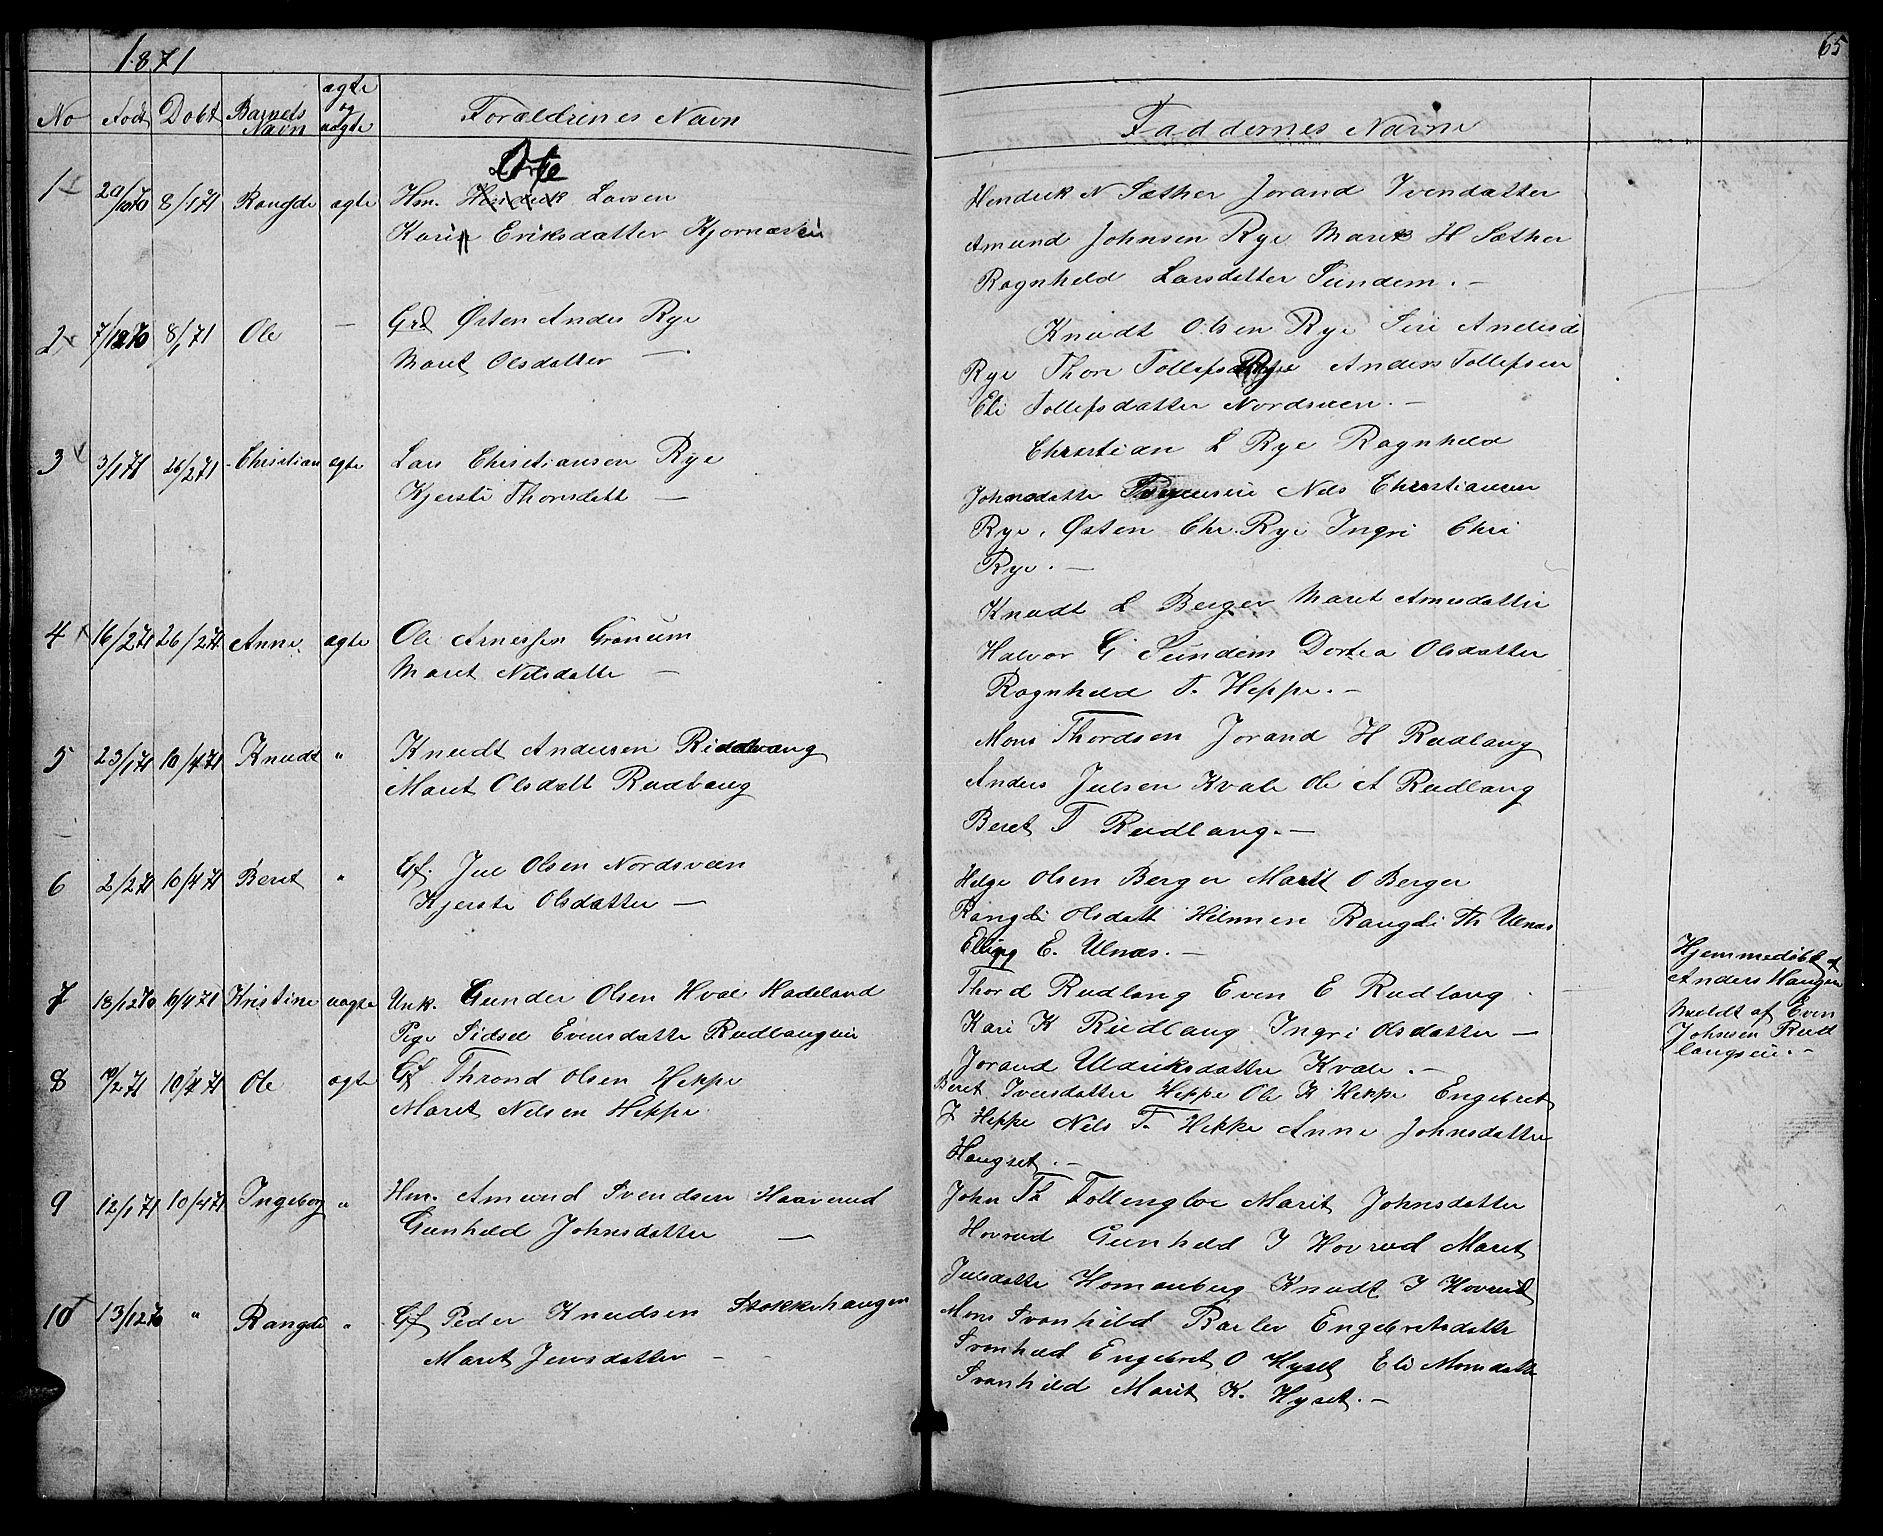 SAH, Nord-Aurdal prestekontor, Klokkerbok nr. 4, 1842-1882, s. 65